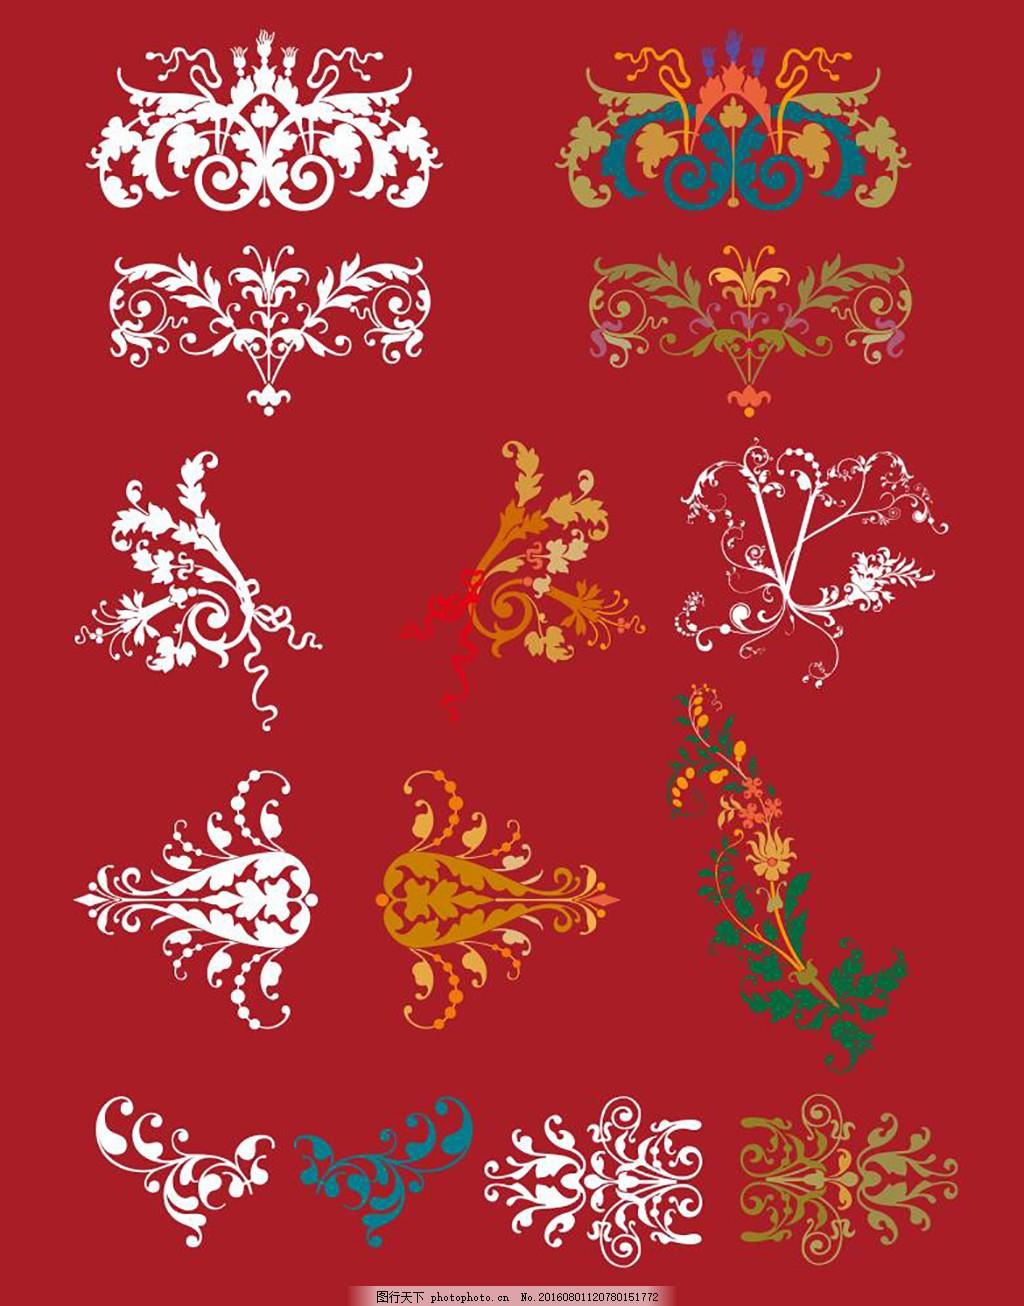 欧式花纹免费下载 边框 底纹边框 花边花纹 花纹 皇冠 cdr 红色 cdr